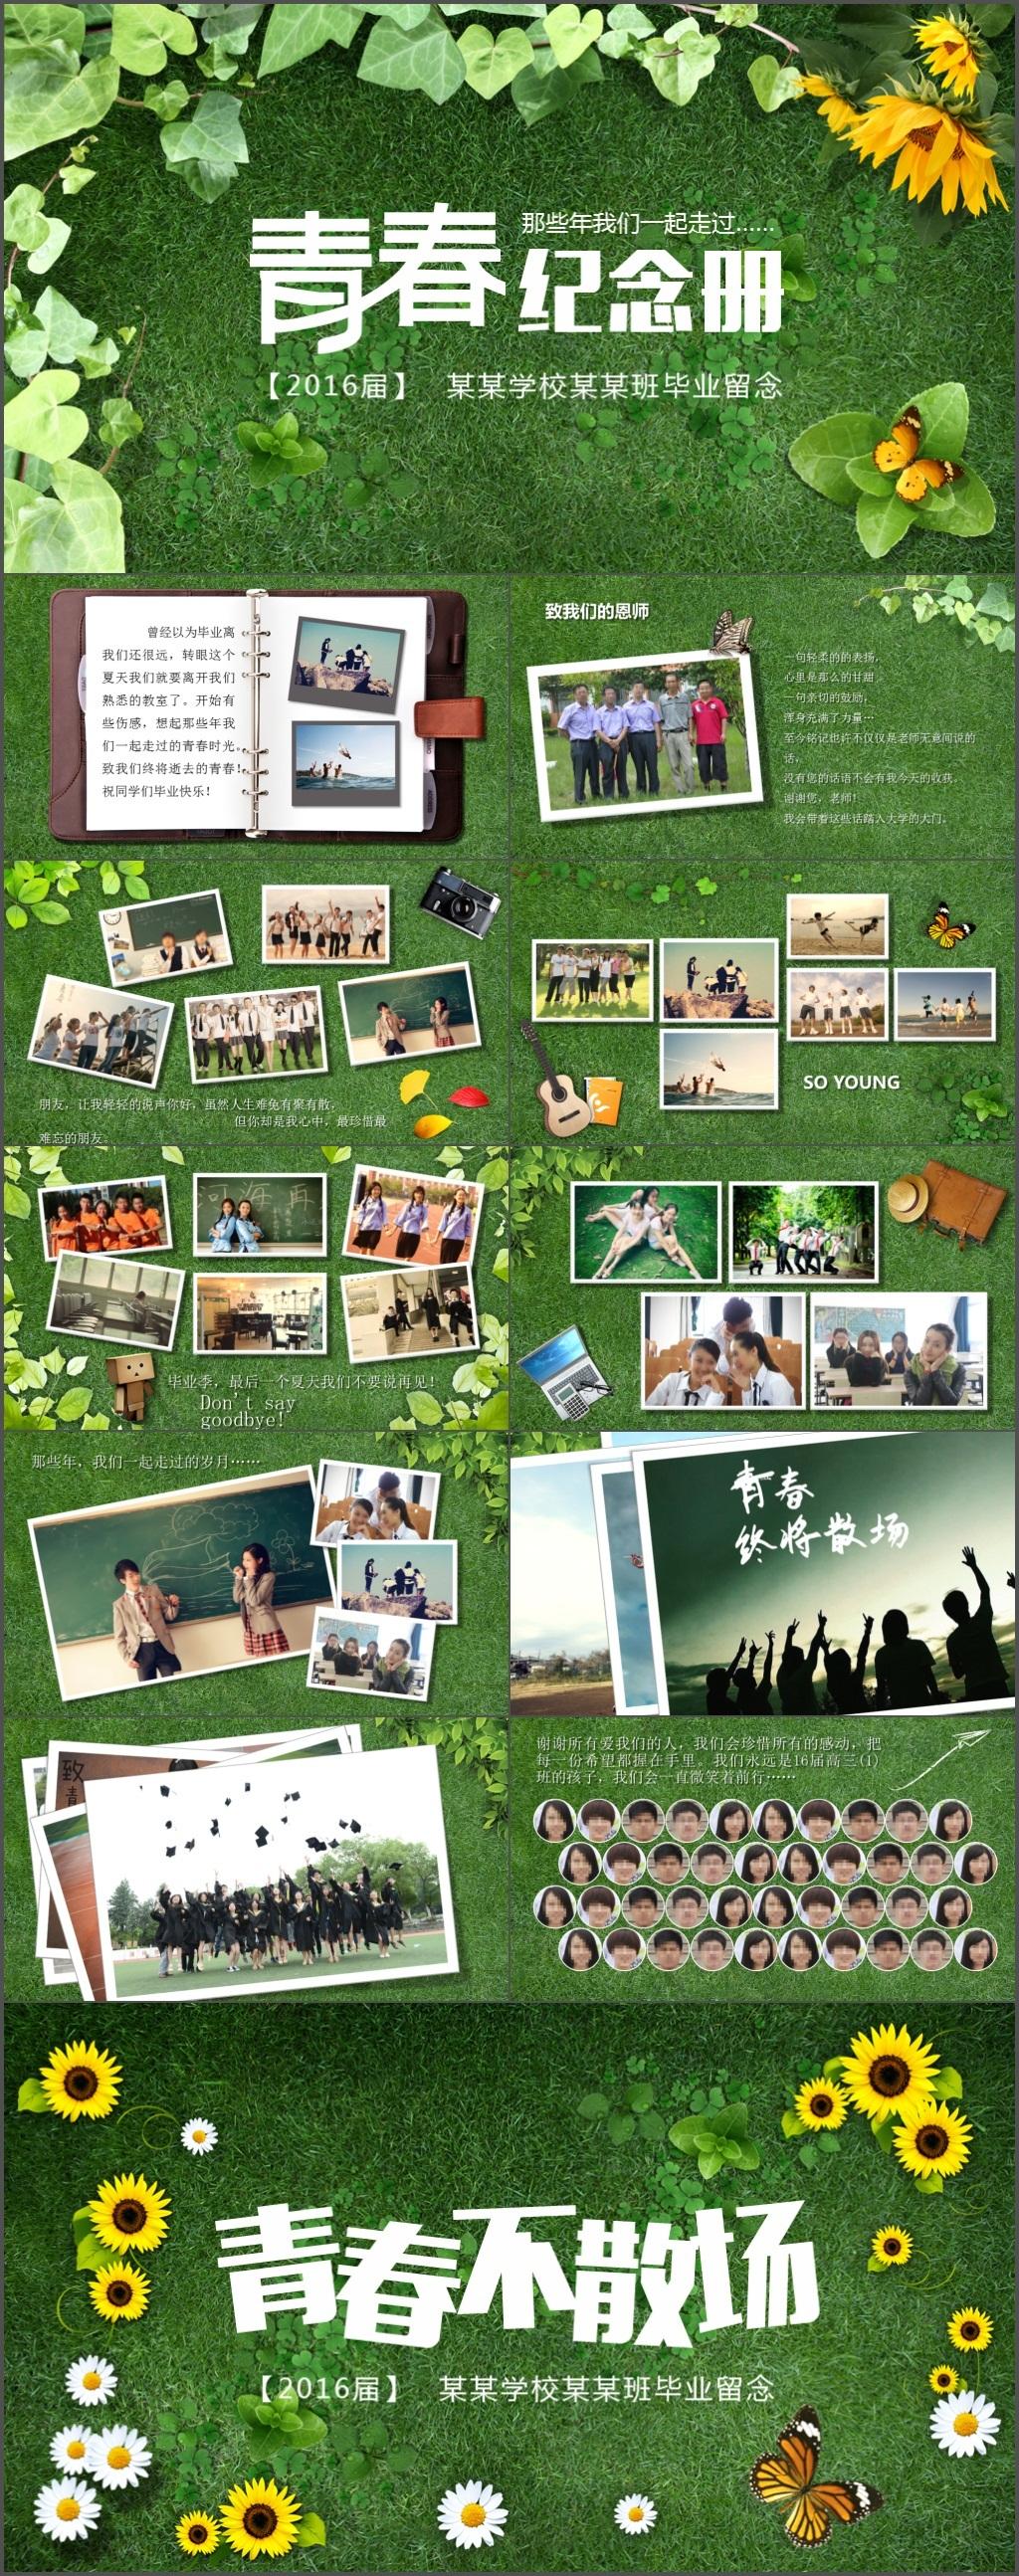 清新活力青春纪念册同学毕业纪念电子相册PPT模板(60)